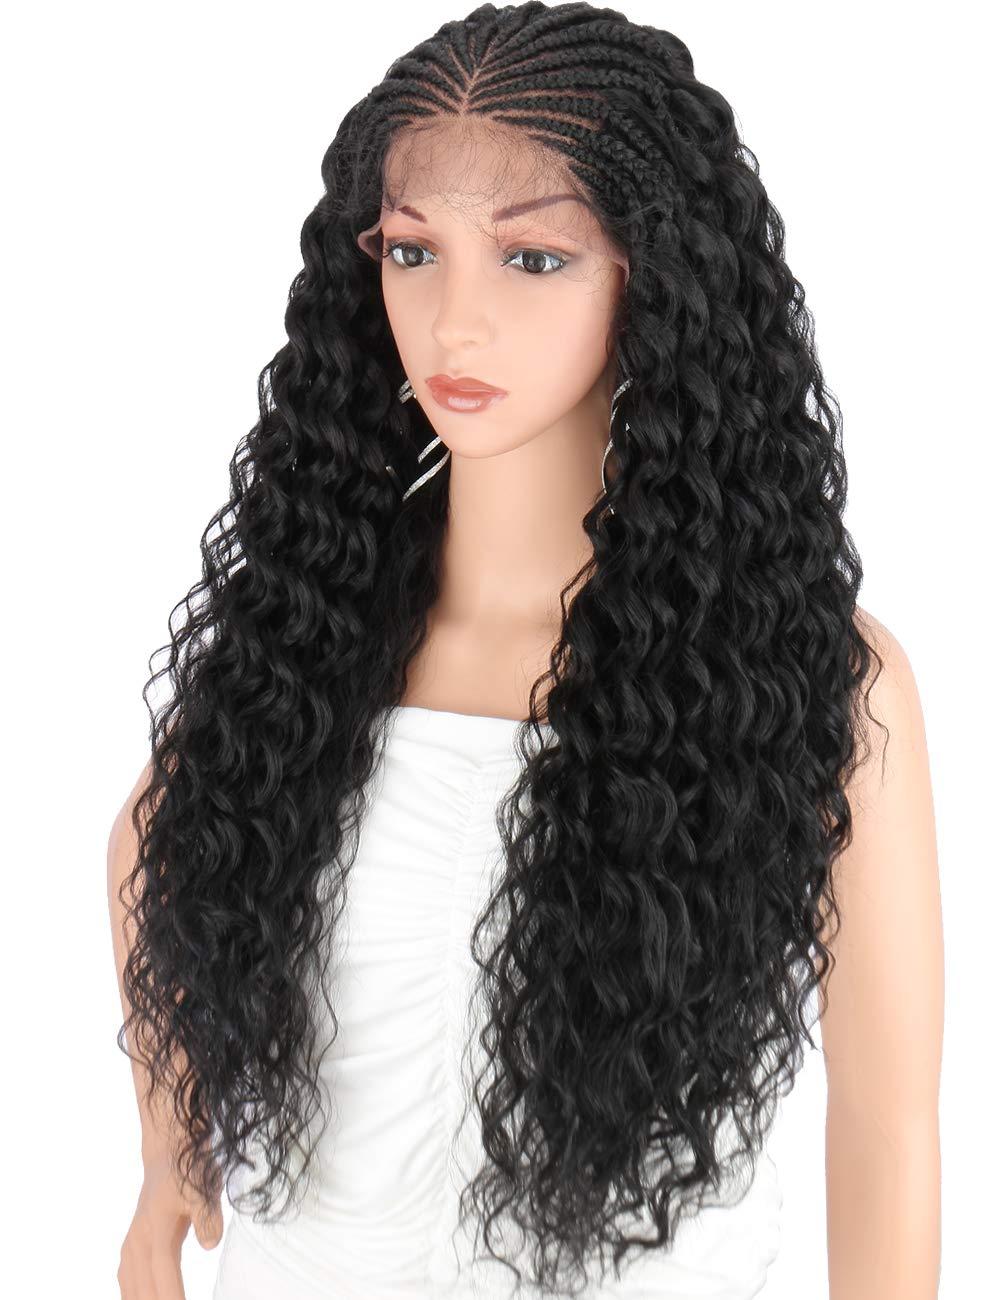 1582537845_592_Latest-Braids-Hairstyles-2020-Cool-Hair-Ideas-For-Cute-Ladies.jpg (1000×1300)